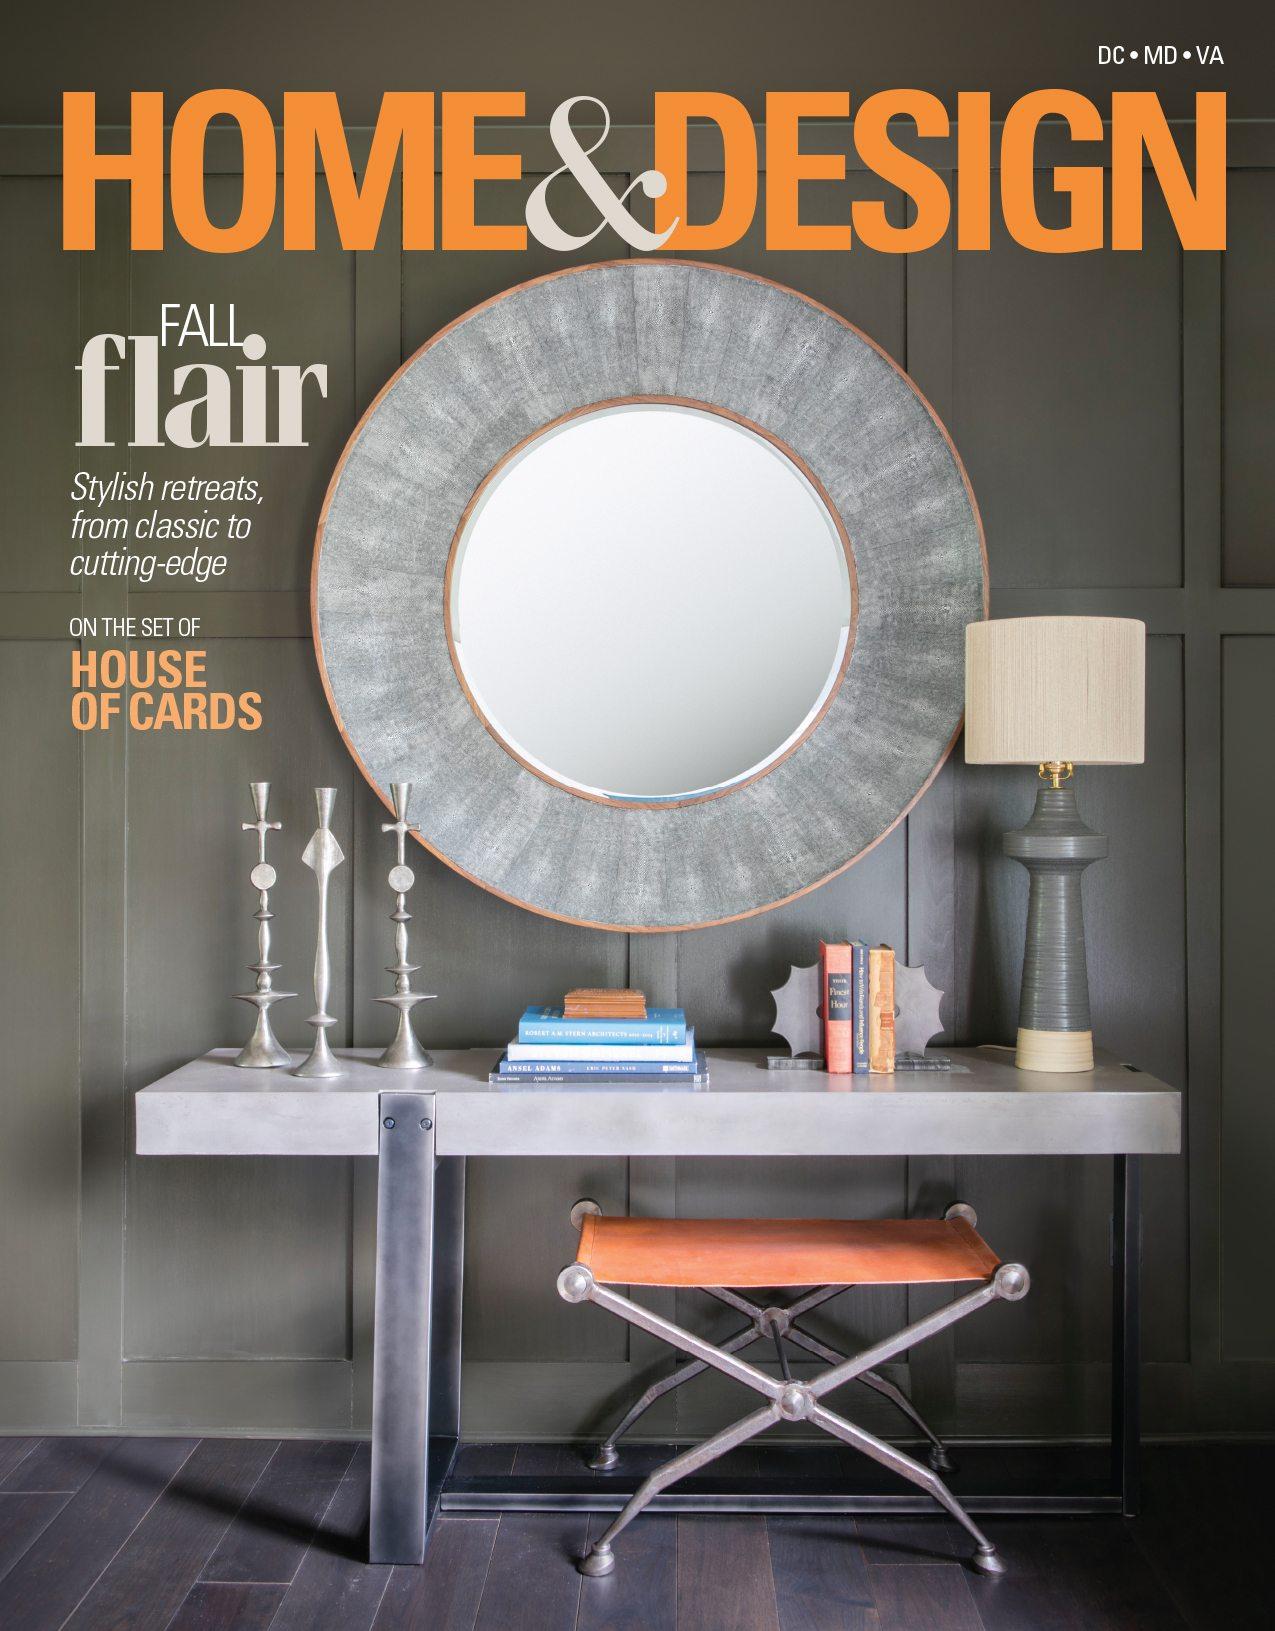 November/December 2017 Archives - Home & Design Magazine